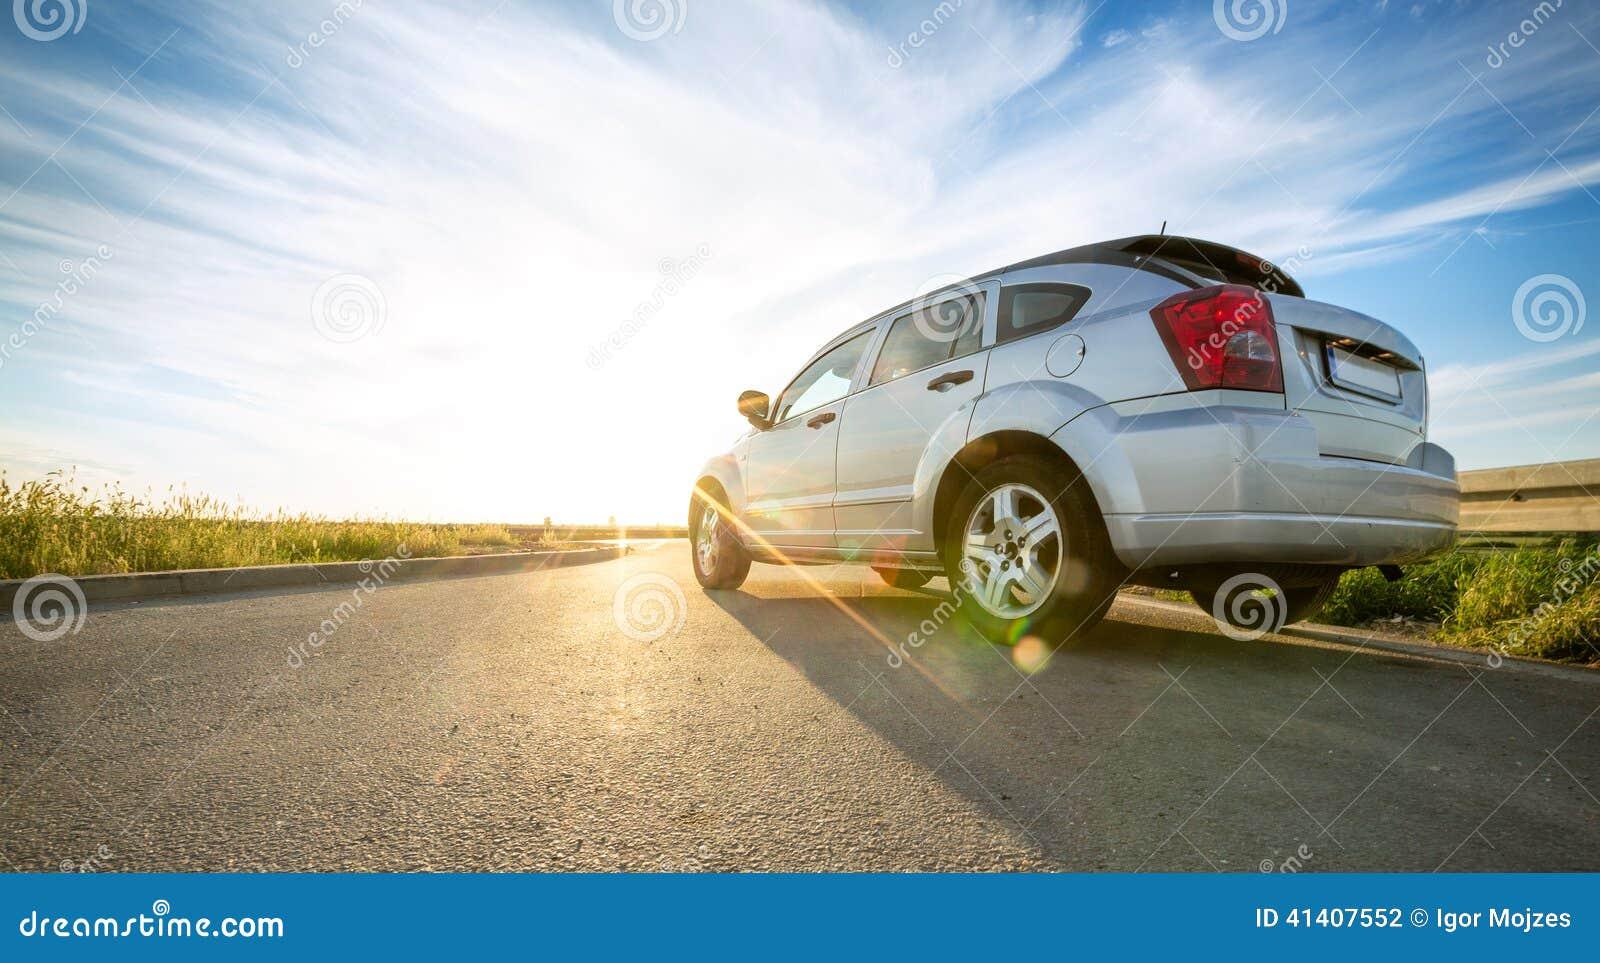 Автомобиль на дороге над солнечным днем